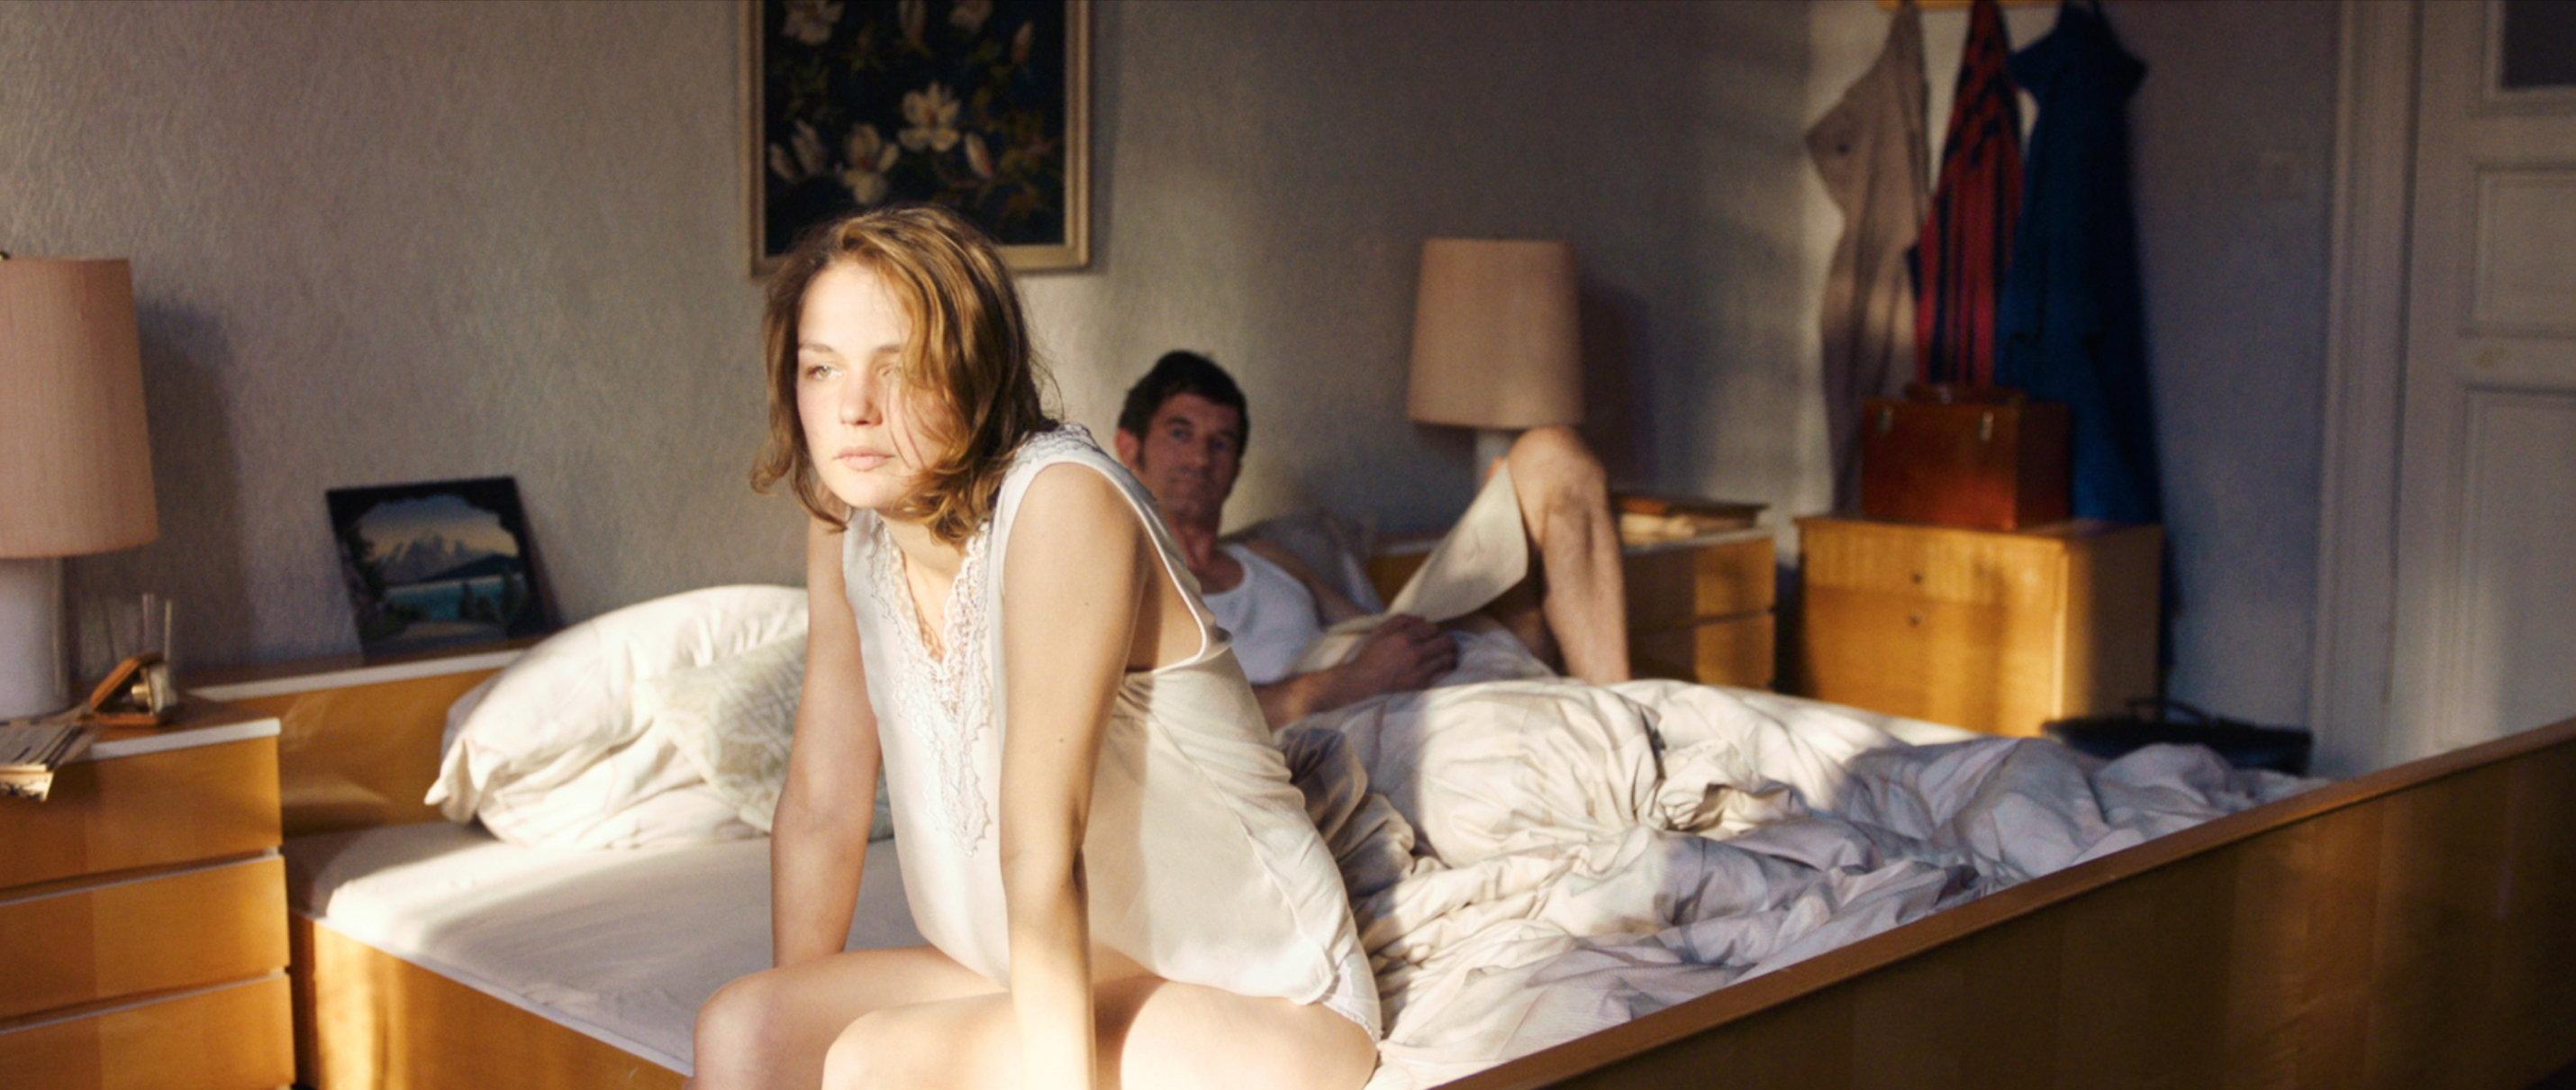 Der Junge muss an die frische Luft - all about me - Schwermut - Hapes Mutter in tiefer Depression - Regie Caroline Link - Kamera Judith Kaufmann